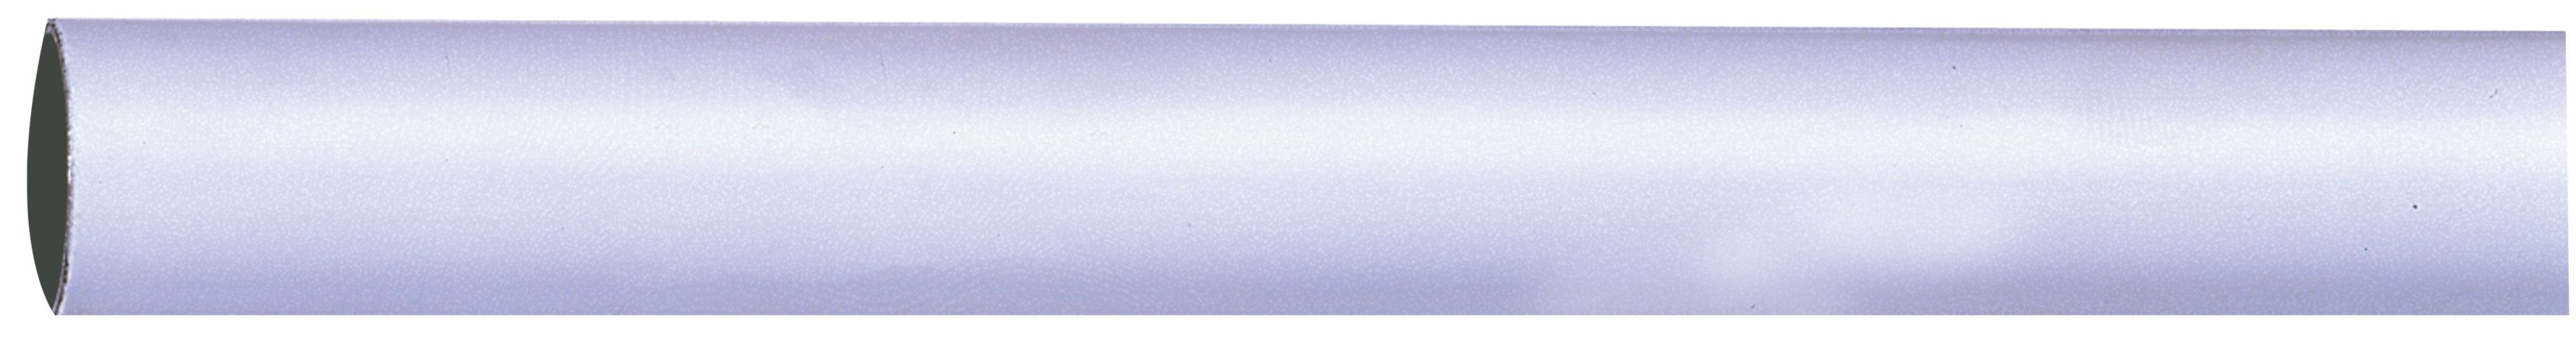 Colorail White Steel Round Tube (l)1.829m